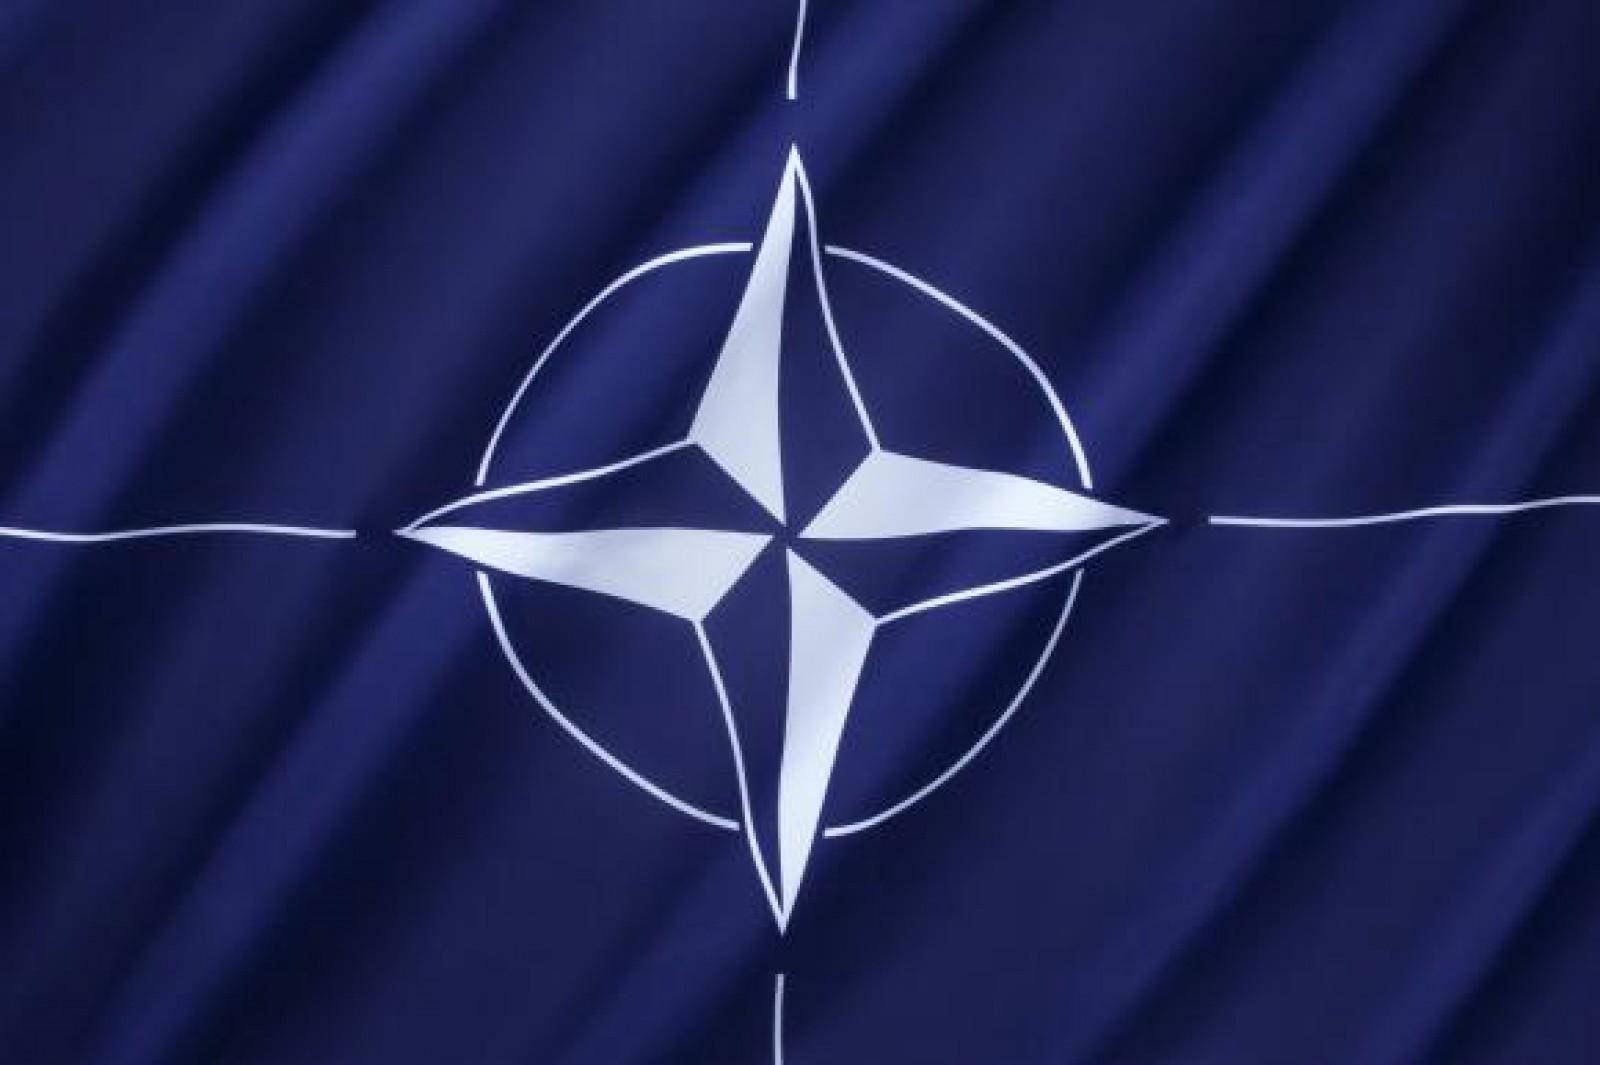 Ucraina, acuzată de Ungaria că nu și-a îndeplinit obligațiile față de NATO